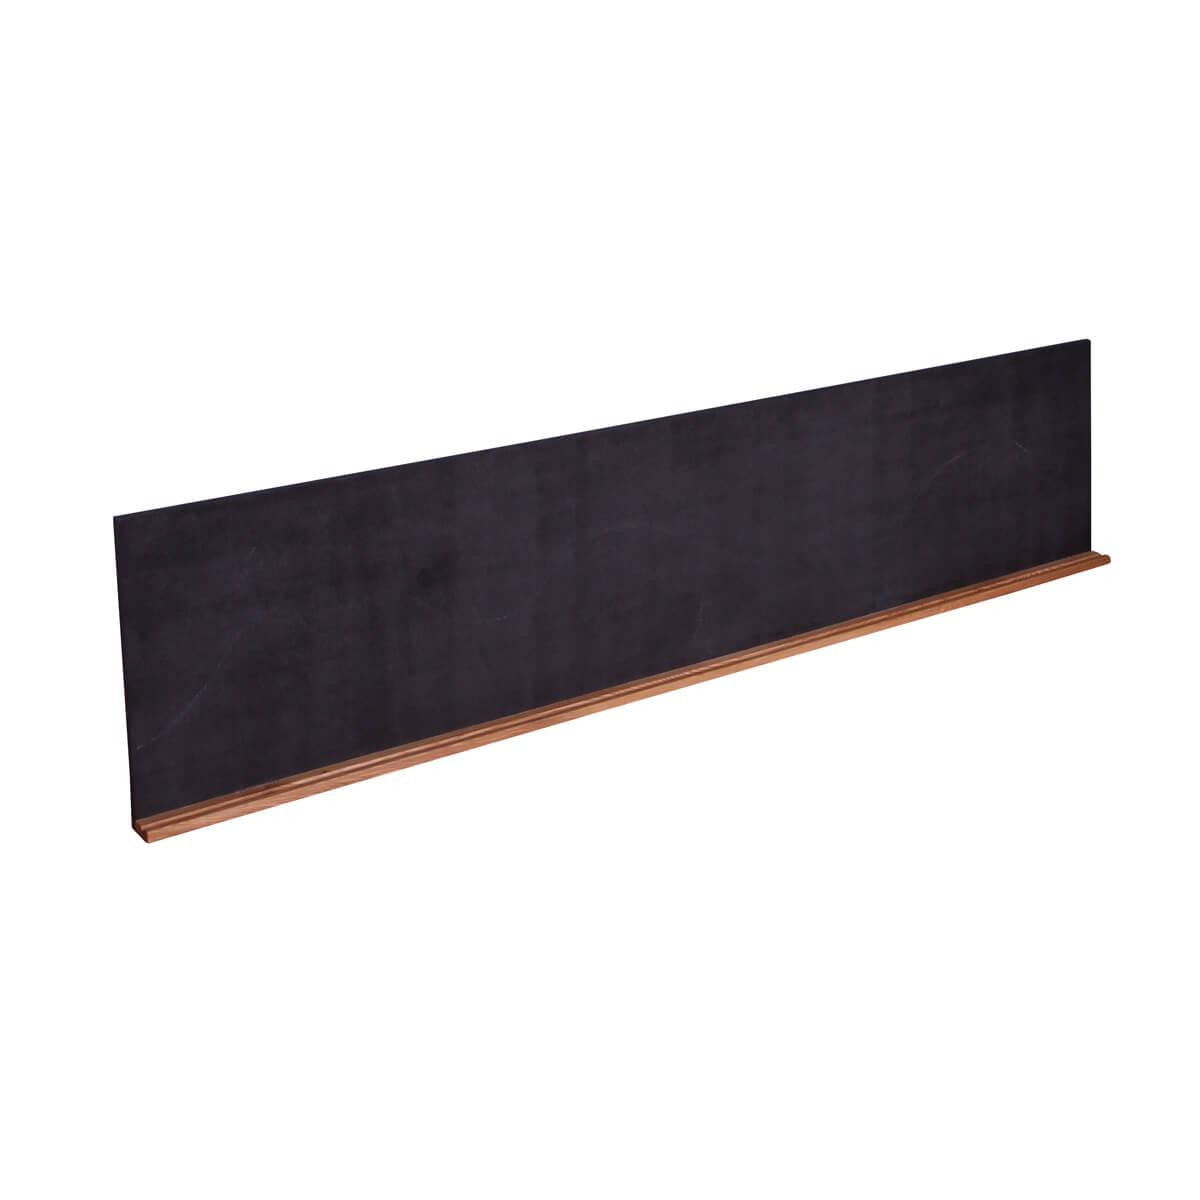 Tafel groß Bauteil 1stk KASVA Debreuyn Mdf Schultafel-schwarz